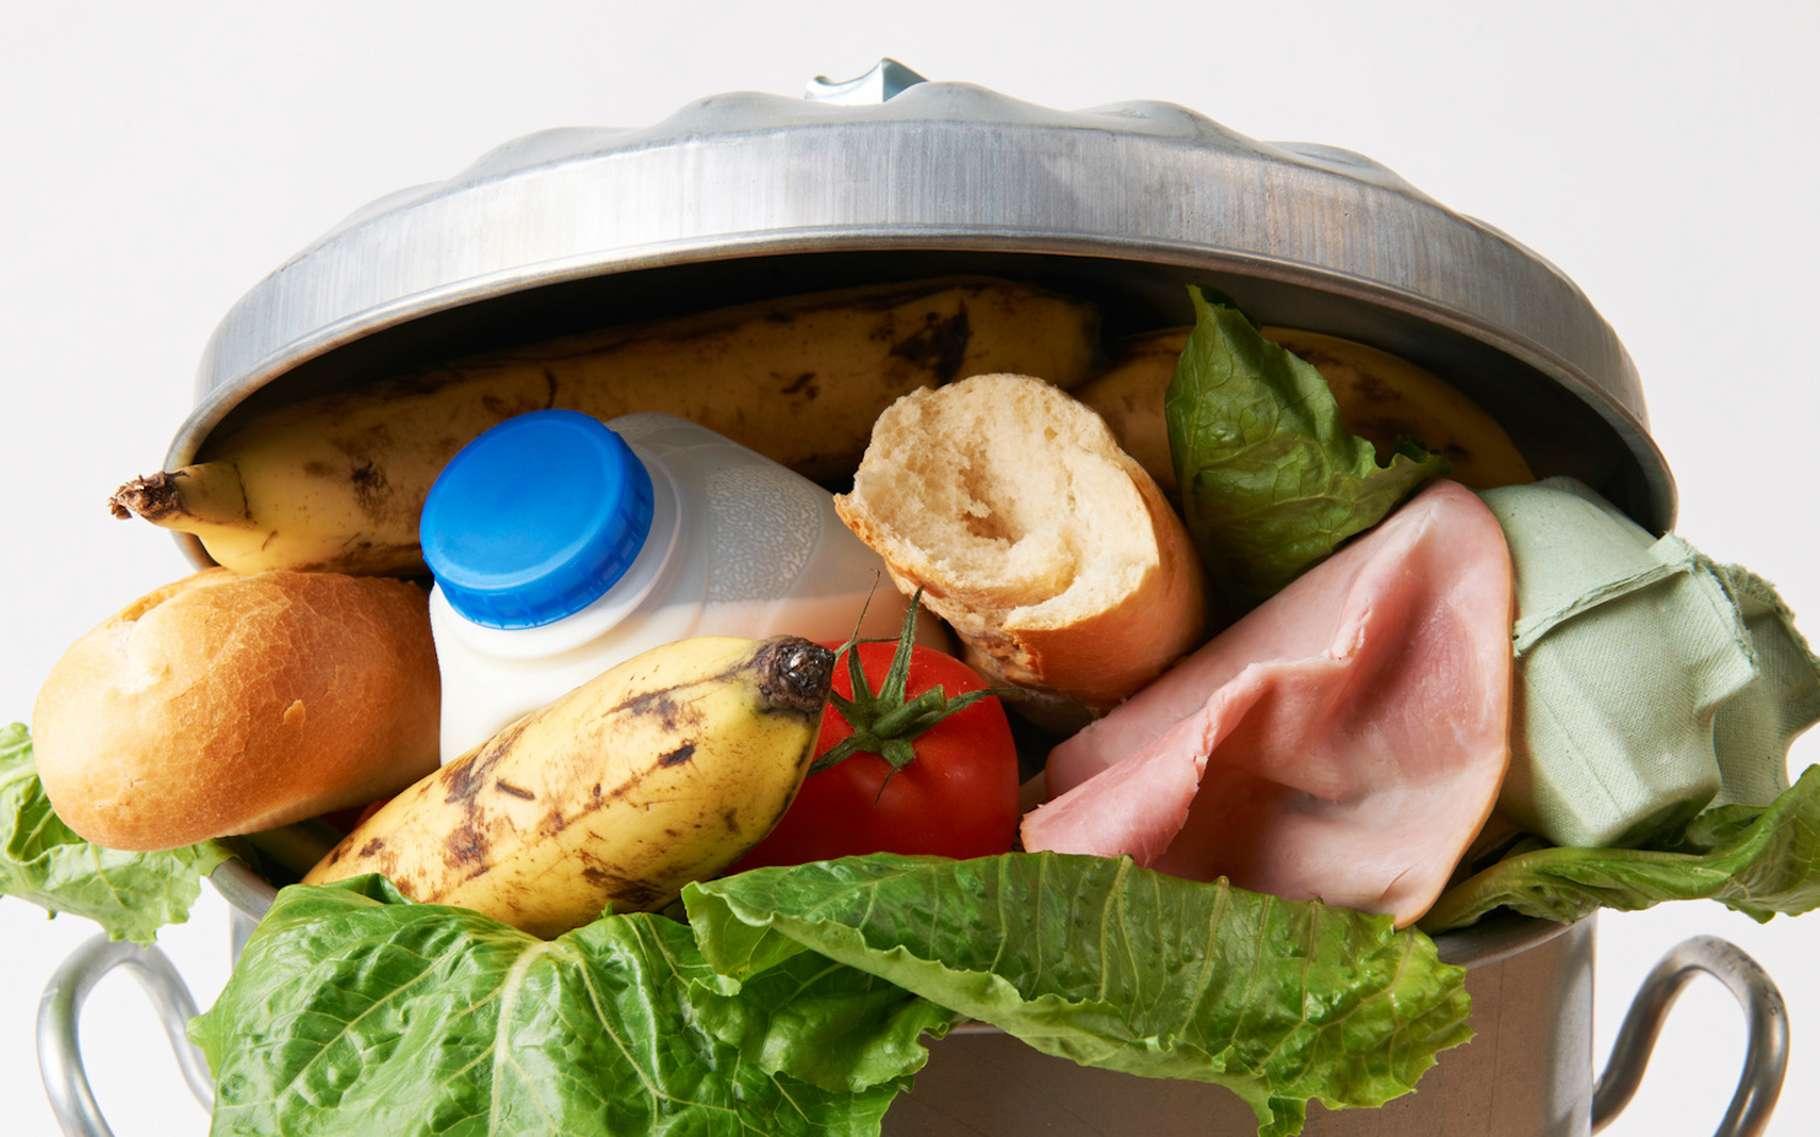 Restes de repas, fruits et légumes, produits entamés, produits non déballés, boissons, liquides alimentaires, pain. Chaque année, un Français jette à la poubelle plus de 20 kg de denrées alimentaires. © highwaystarz, Fotolia